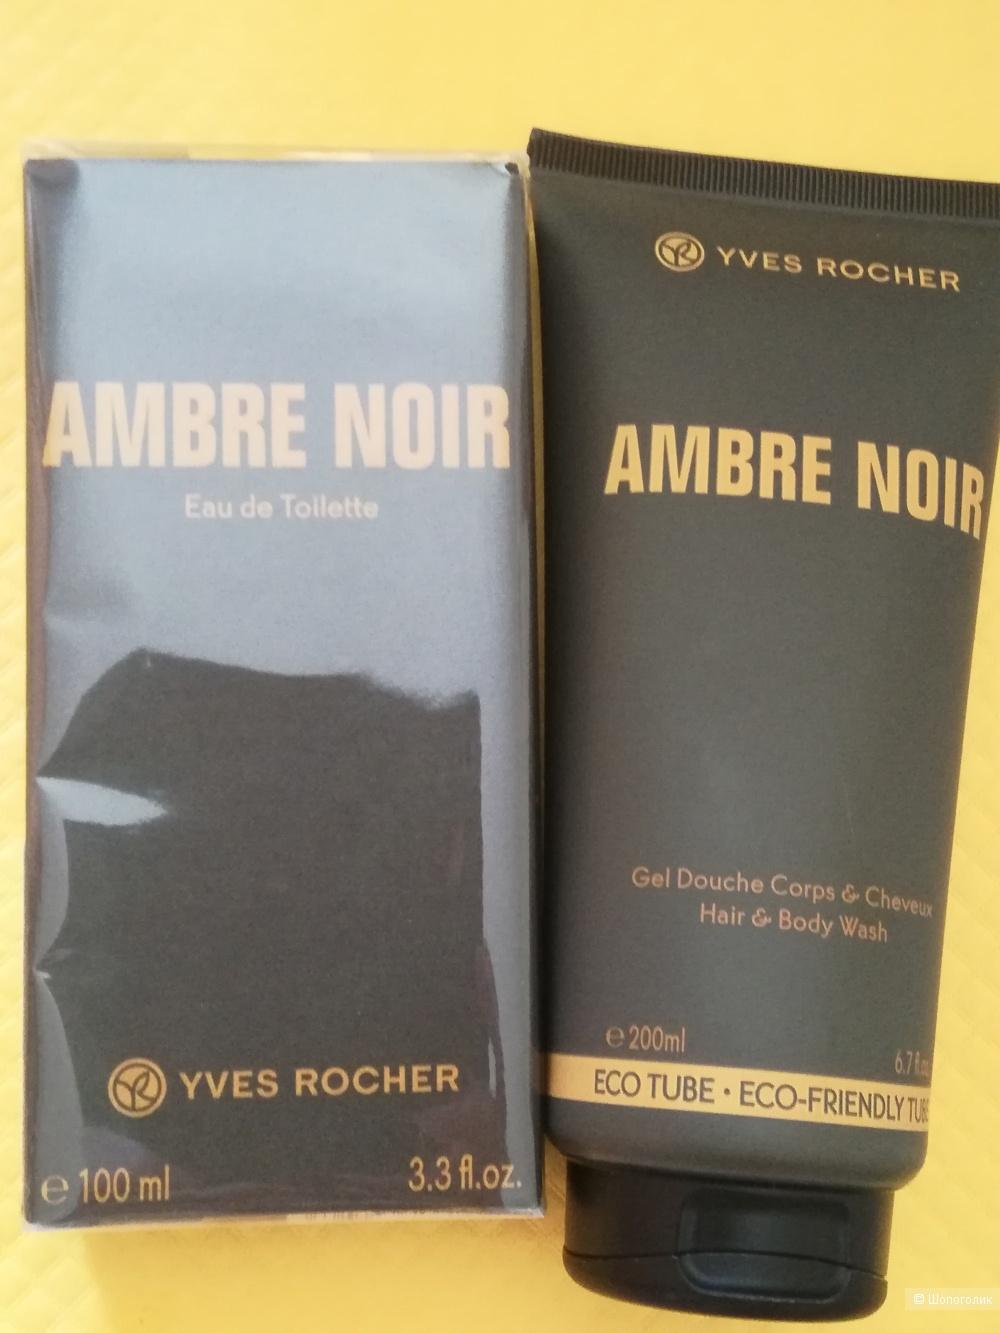 Набор Ив Роше - туалетная вода Ambre Noir 100 мл и парфюмированный гель - шампунь Ambre Noir 200мл.